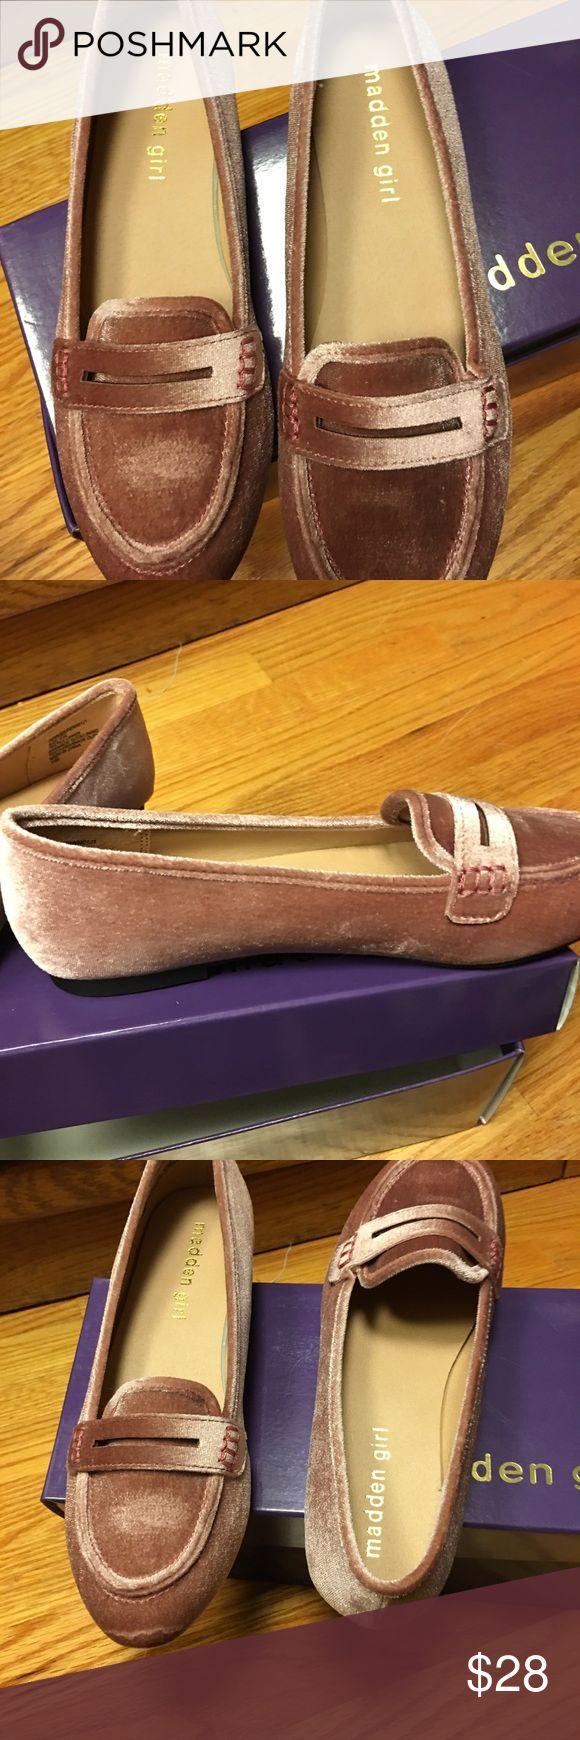 Pink velvet Steve Madden loafers 6.5 Pink velvet Steve Madden loafers.  New in box 6.5 Steve Madden Shoes Flats & Loafers